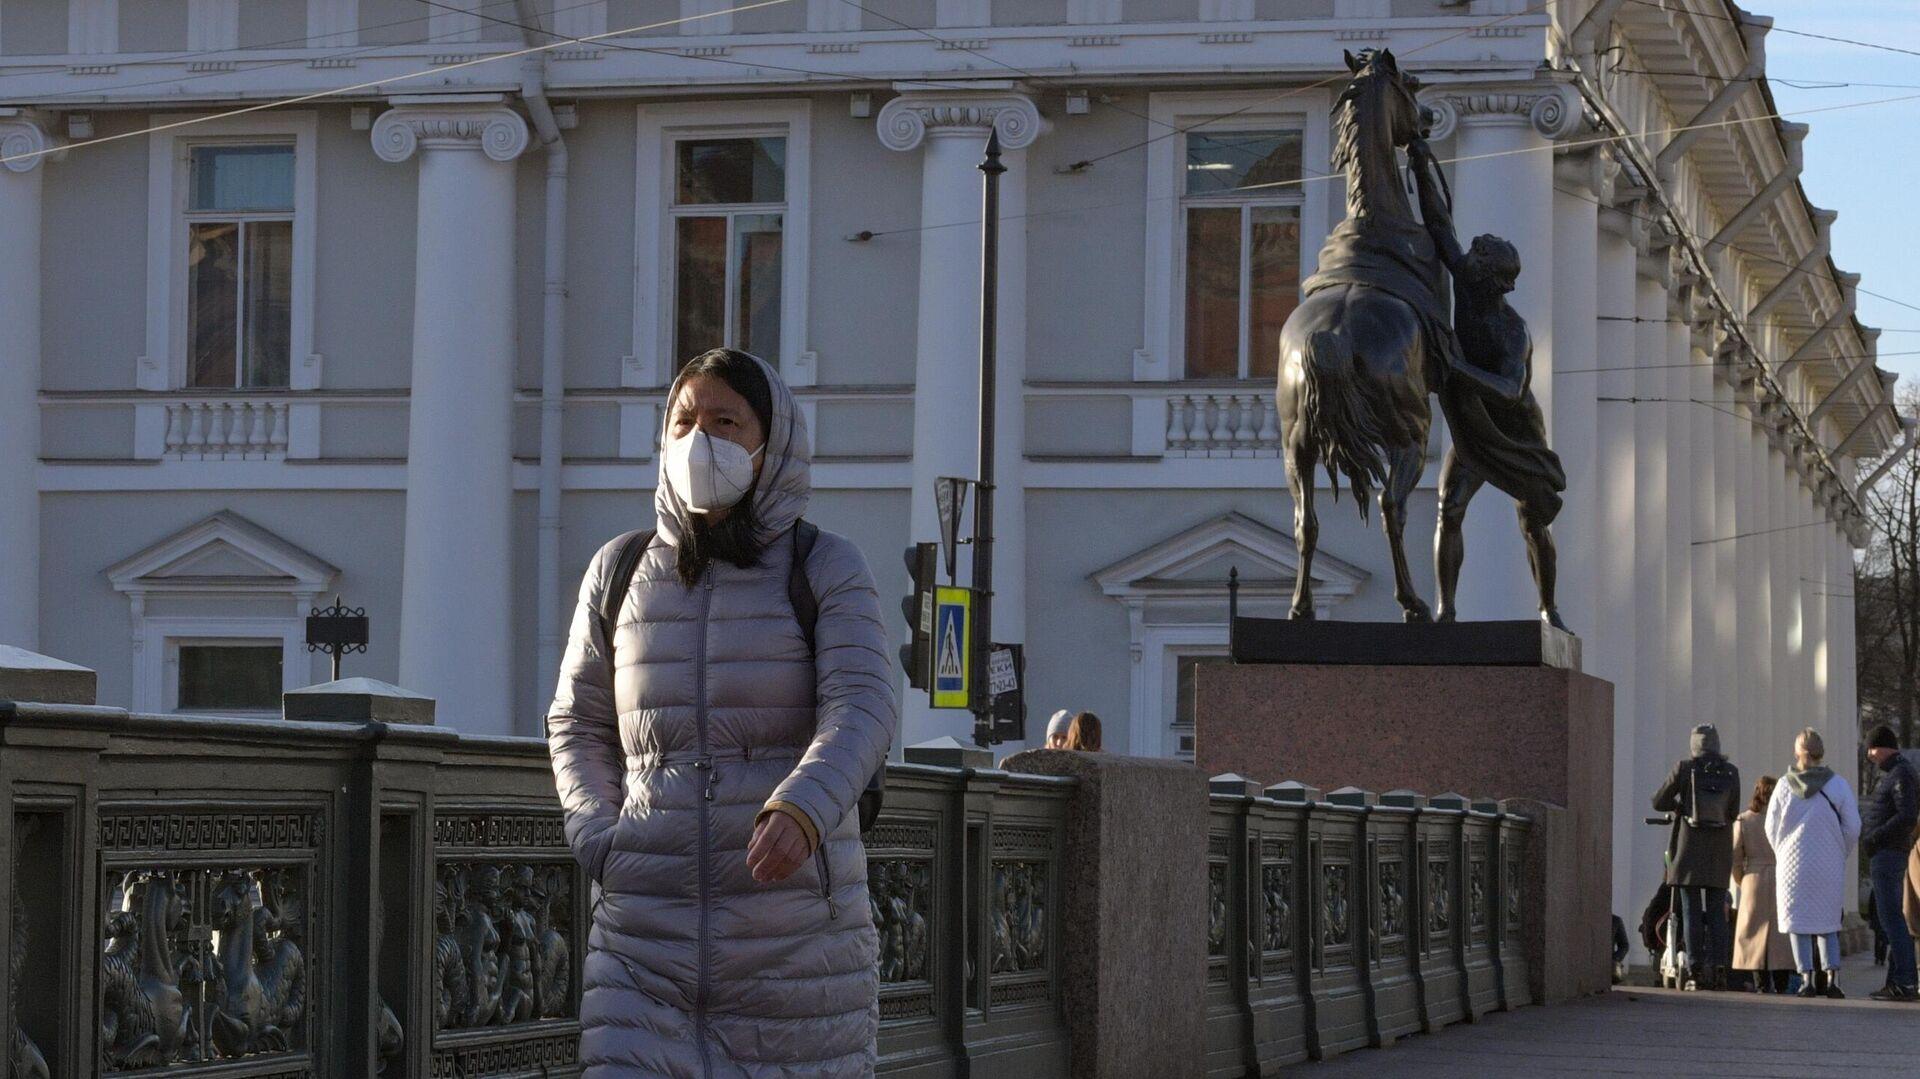 Девушка в маске на Невском проспекте в Санкт-Петербурге - РИА Новости, 1920, 01.03.2021